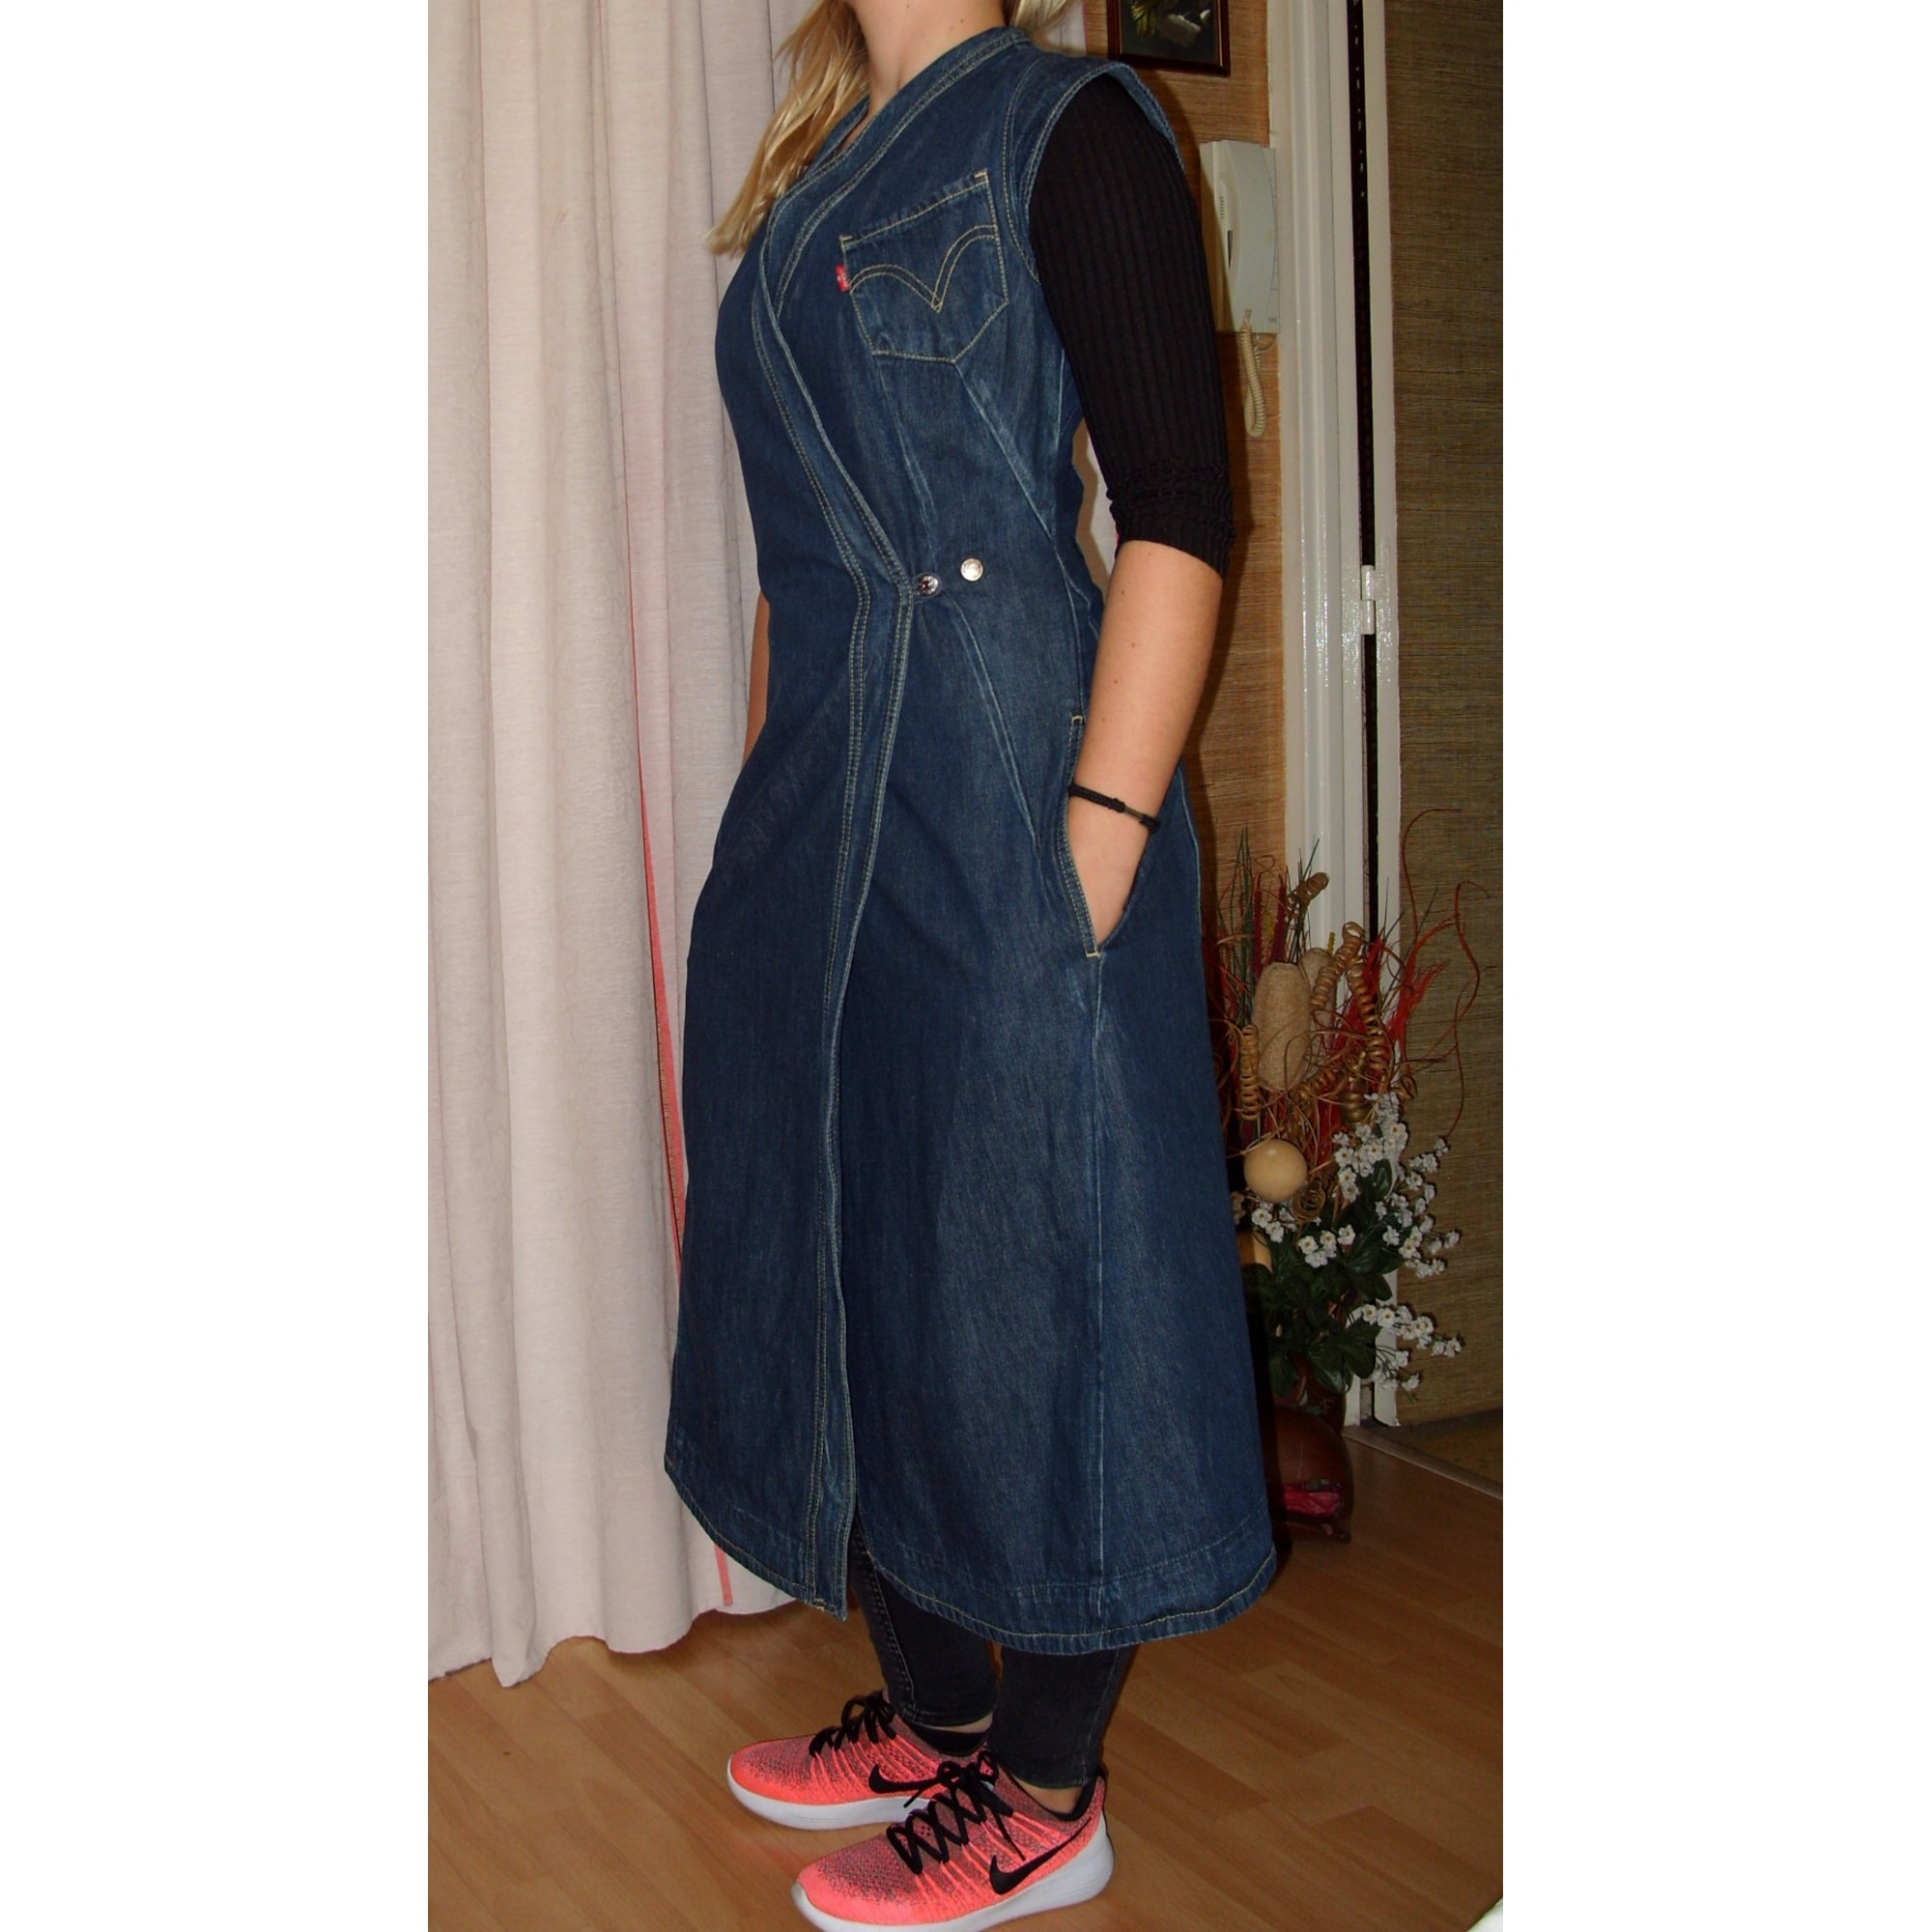 Robe En Jeans Levi S 36 S T1 Bleu Vendu Par Jeanmania 6764427